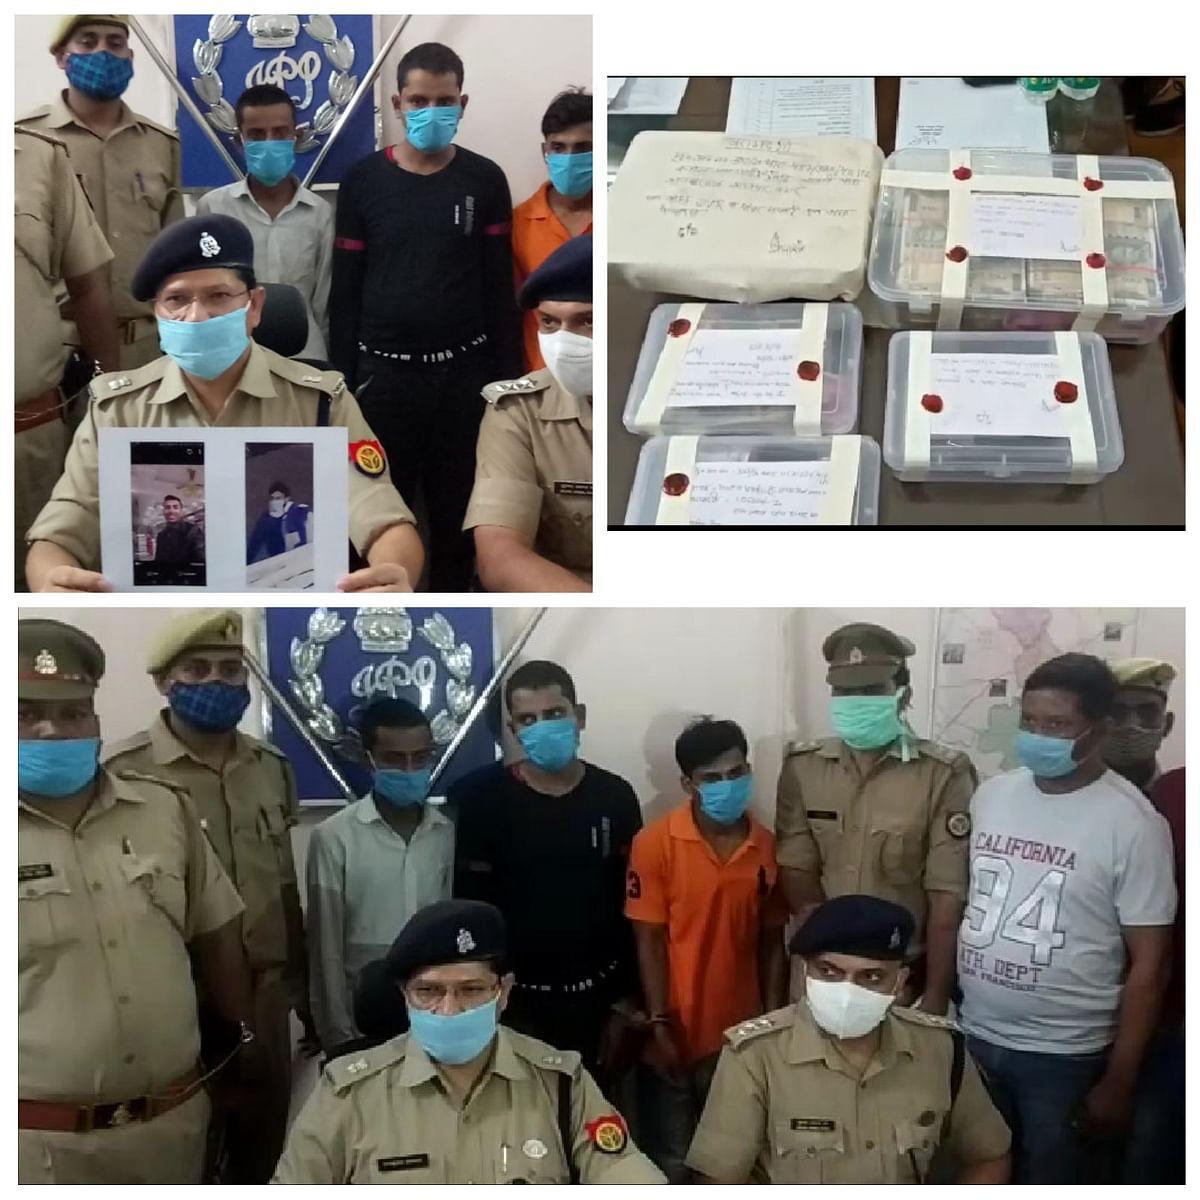 कानपुर : कपड़ा फर्म में हुई 14 लाख की चोरी का खुलासा, कर्मी समेत तीन गिरफ्तार